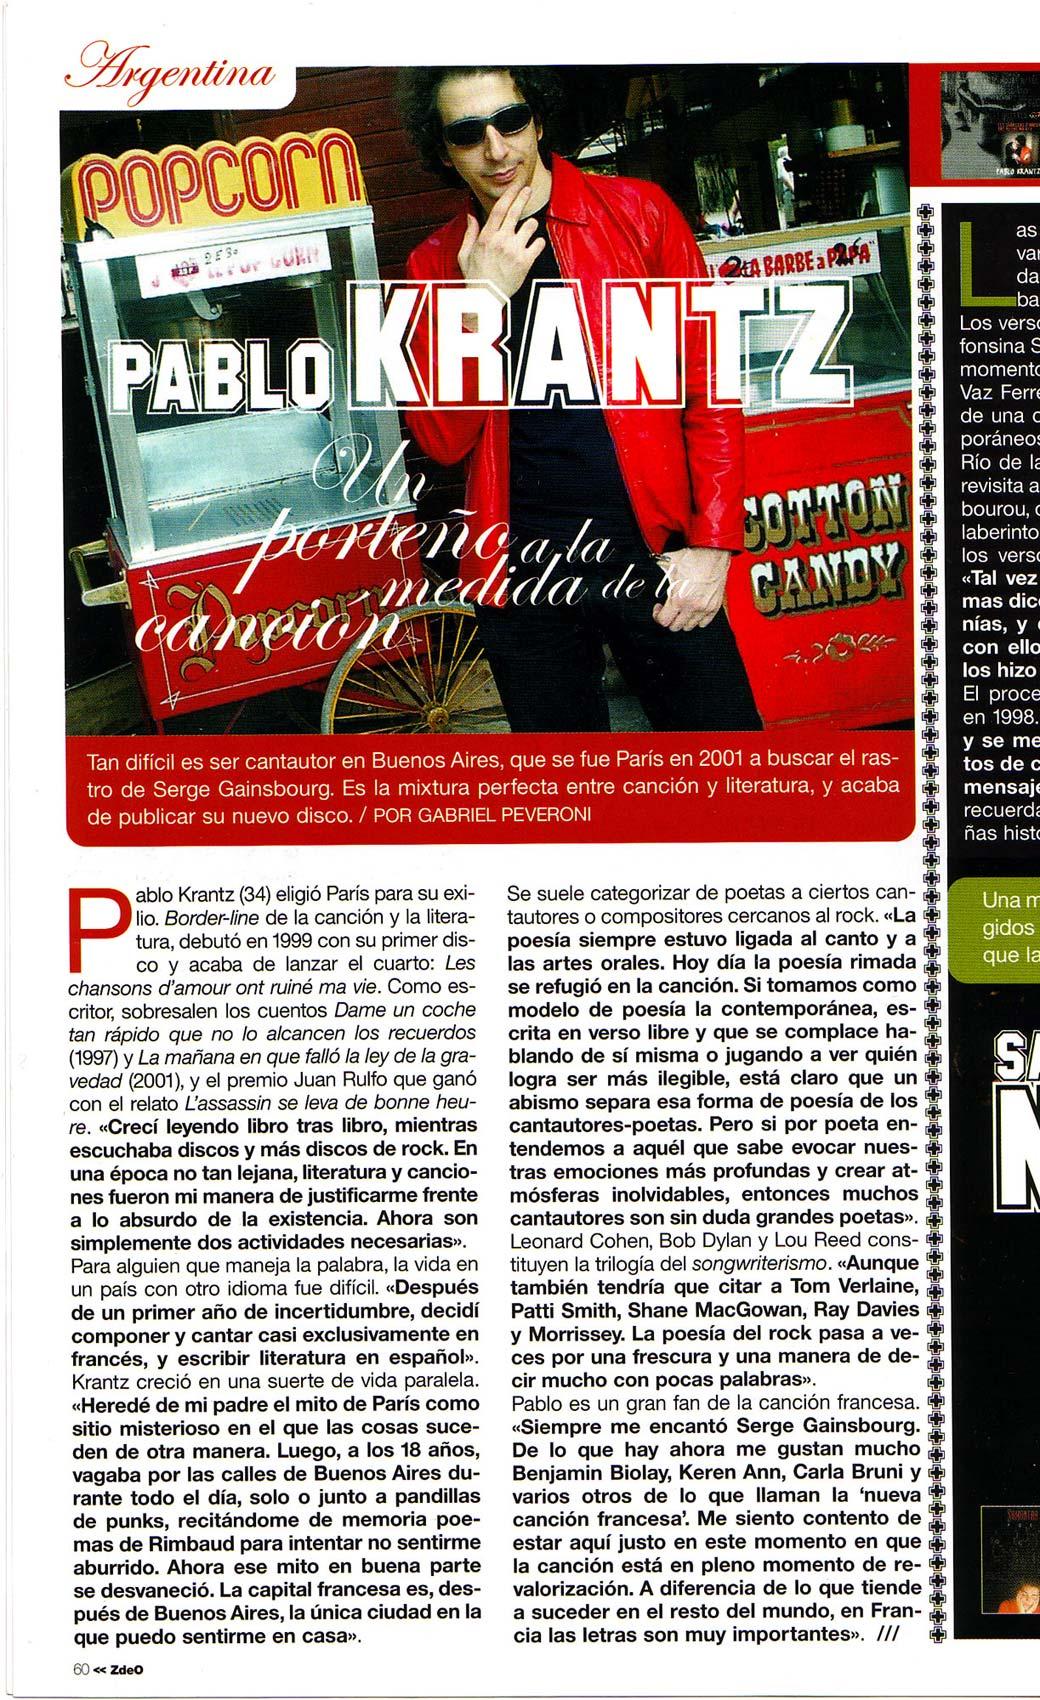 Revista Zona de Obras, Espana, 2004